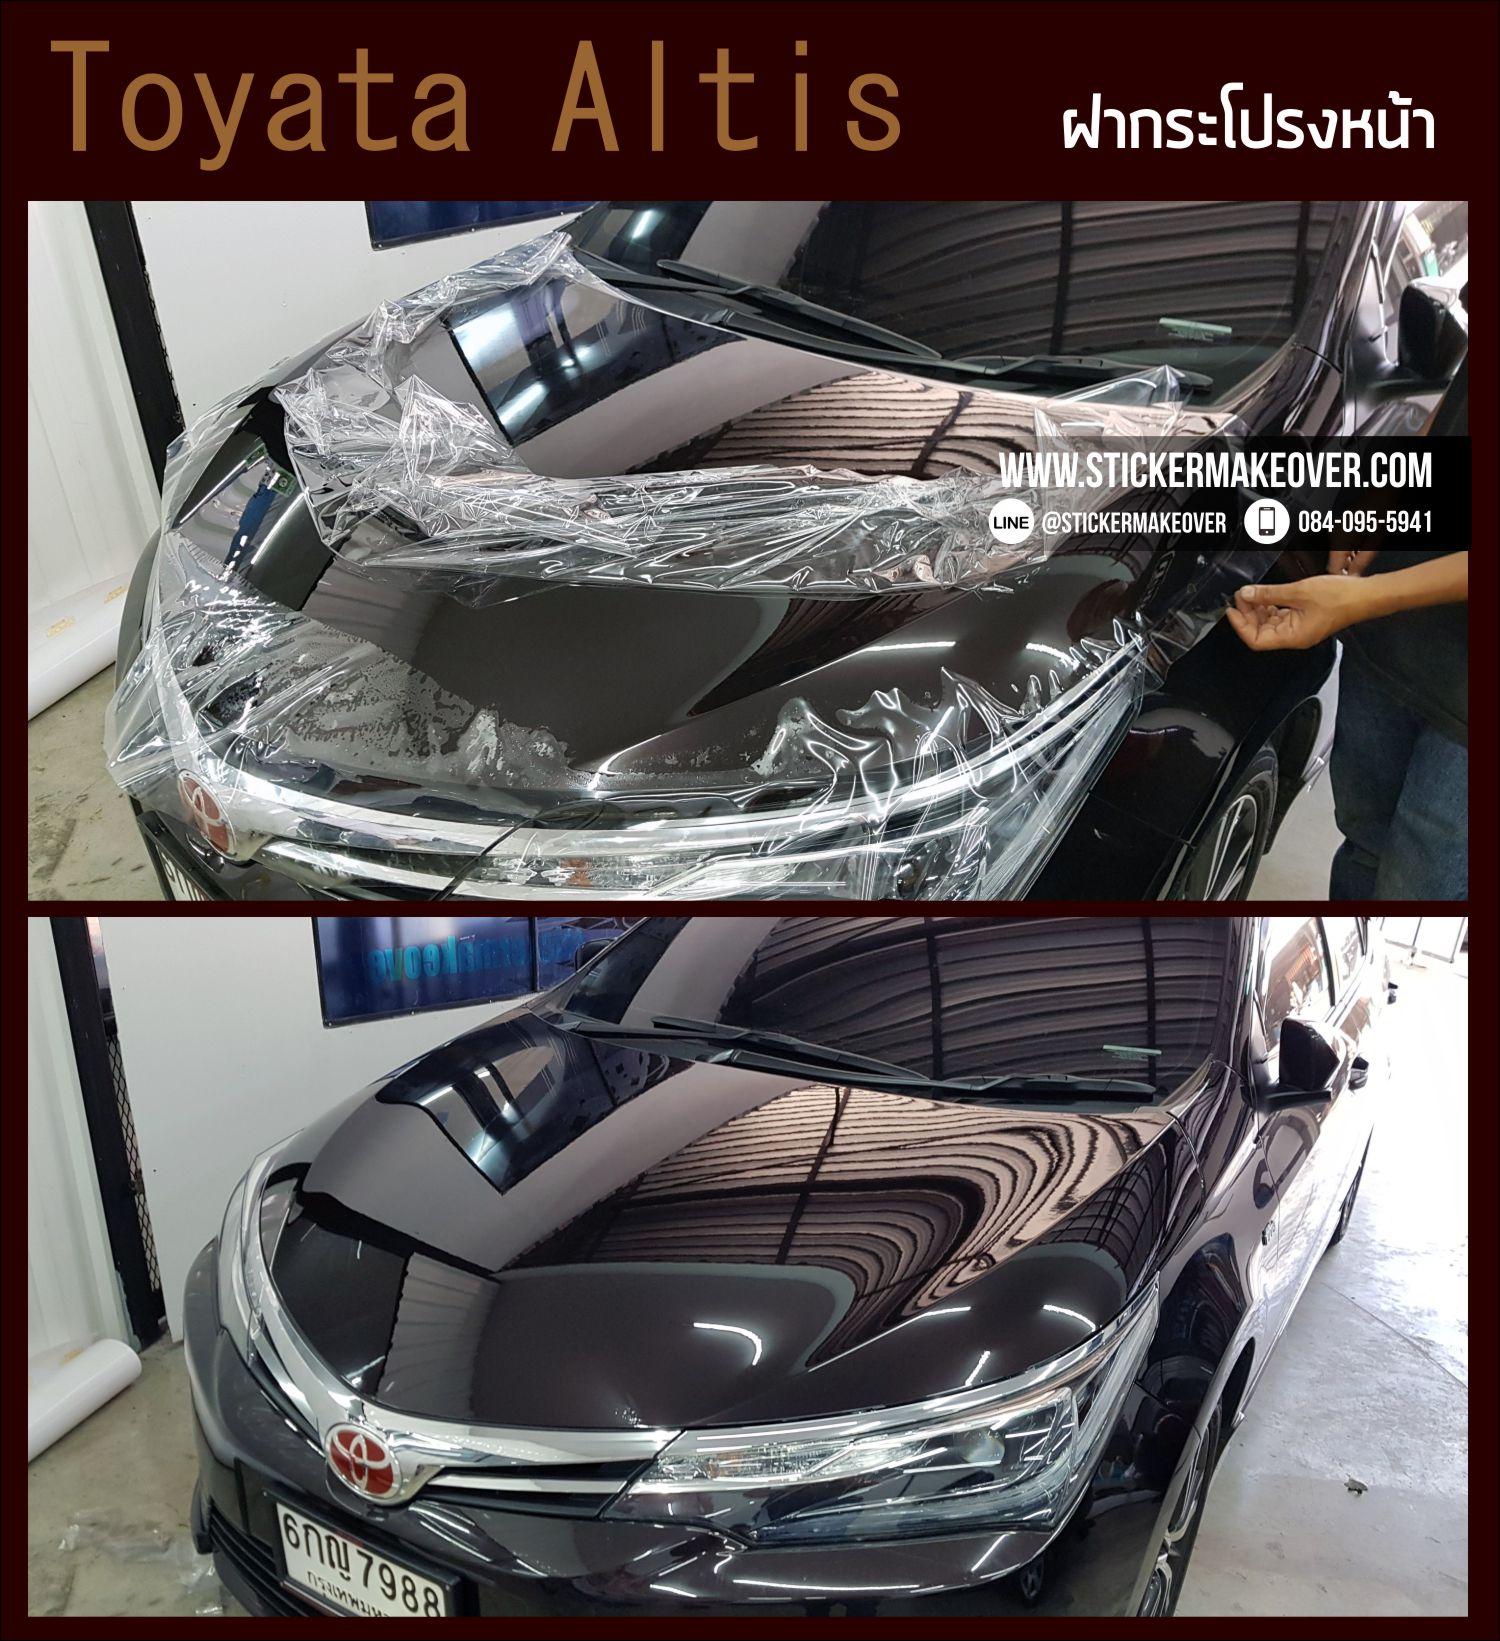 ฟิล์มใสกันรอยรถยนต์ ฟิล์มใสกันสะเก็ดหิน ฟิล์มปกป้องสีรถ paint protection film ppf toyota altis